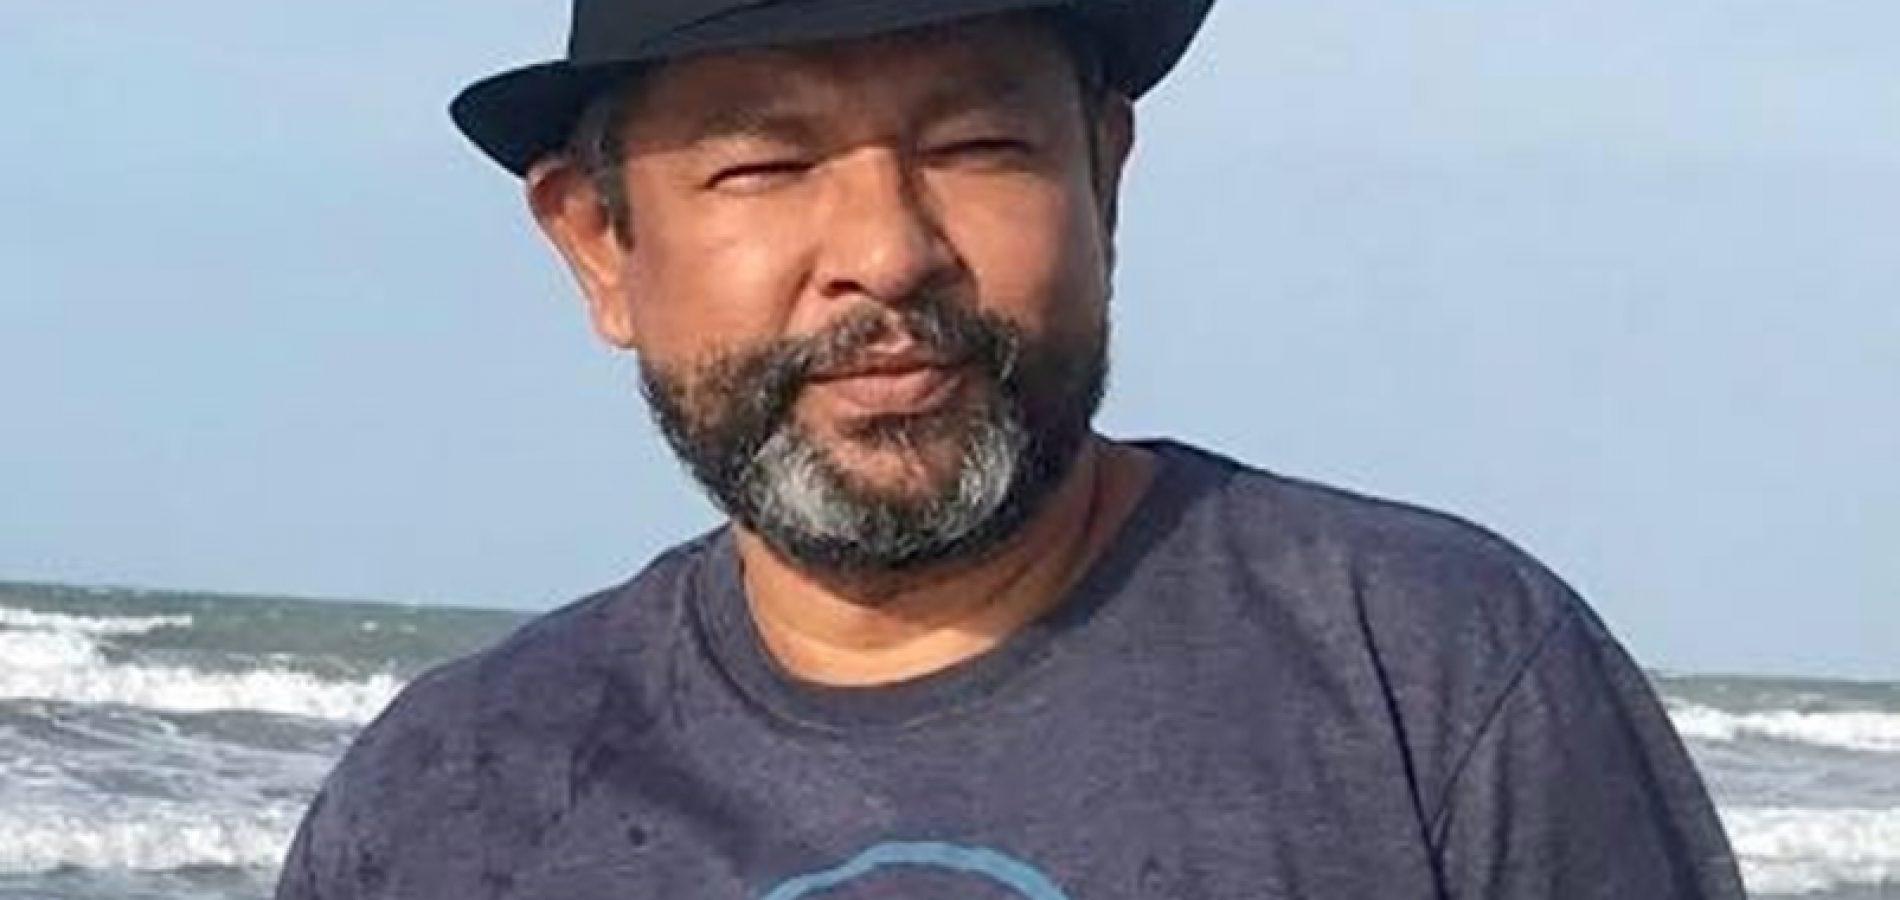 Justiça recebe denúncia contra ex-PRF acusado de tentativa de homicídio